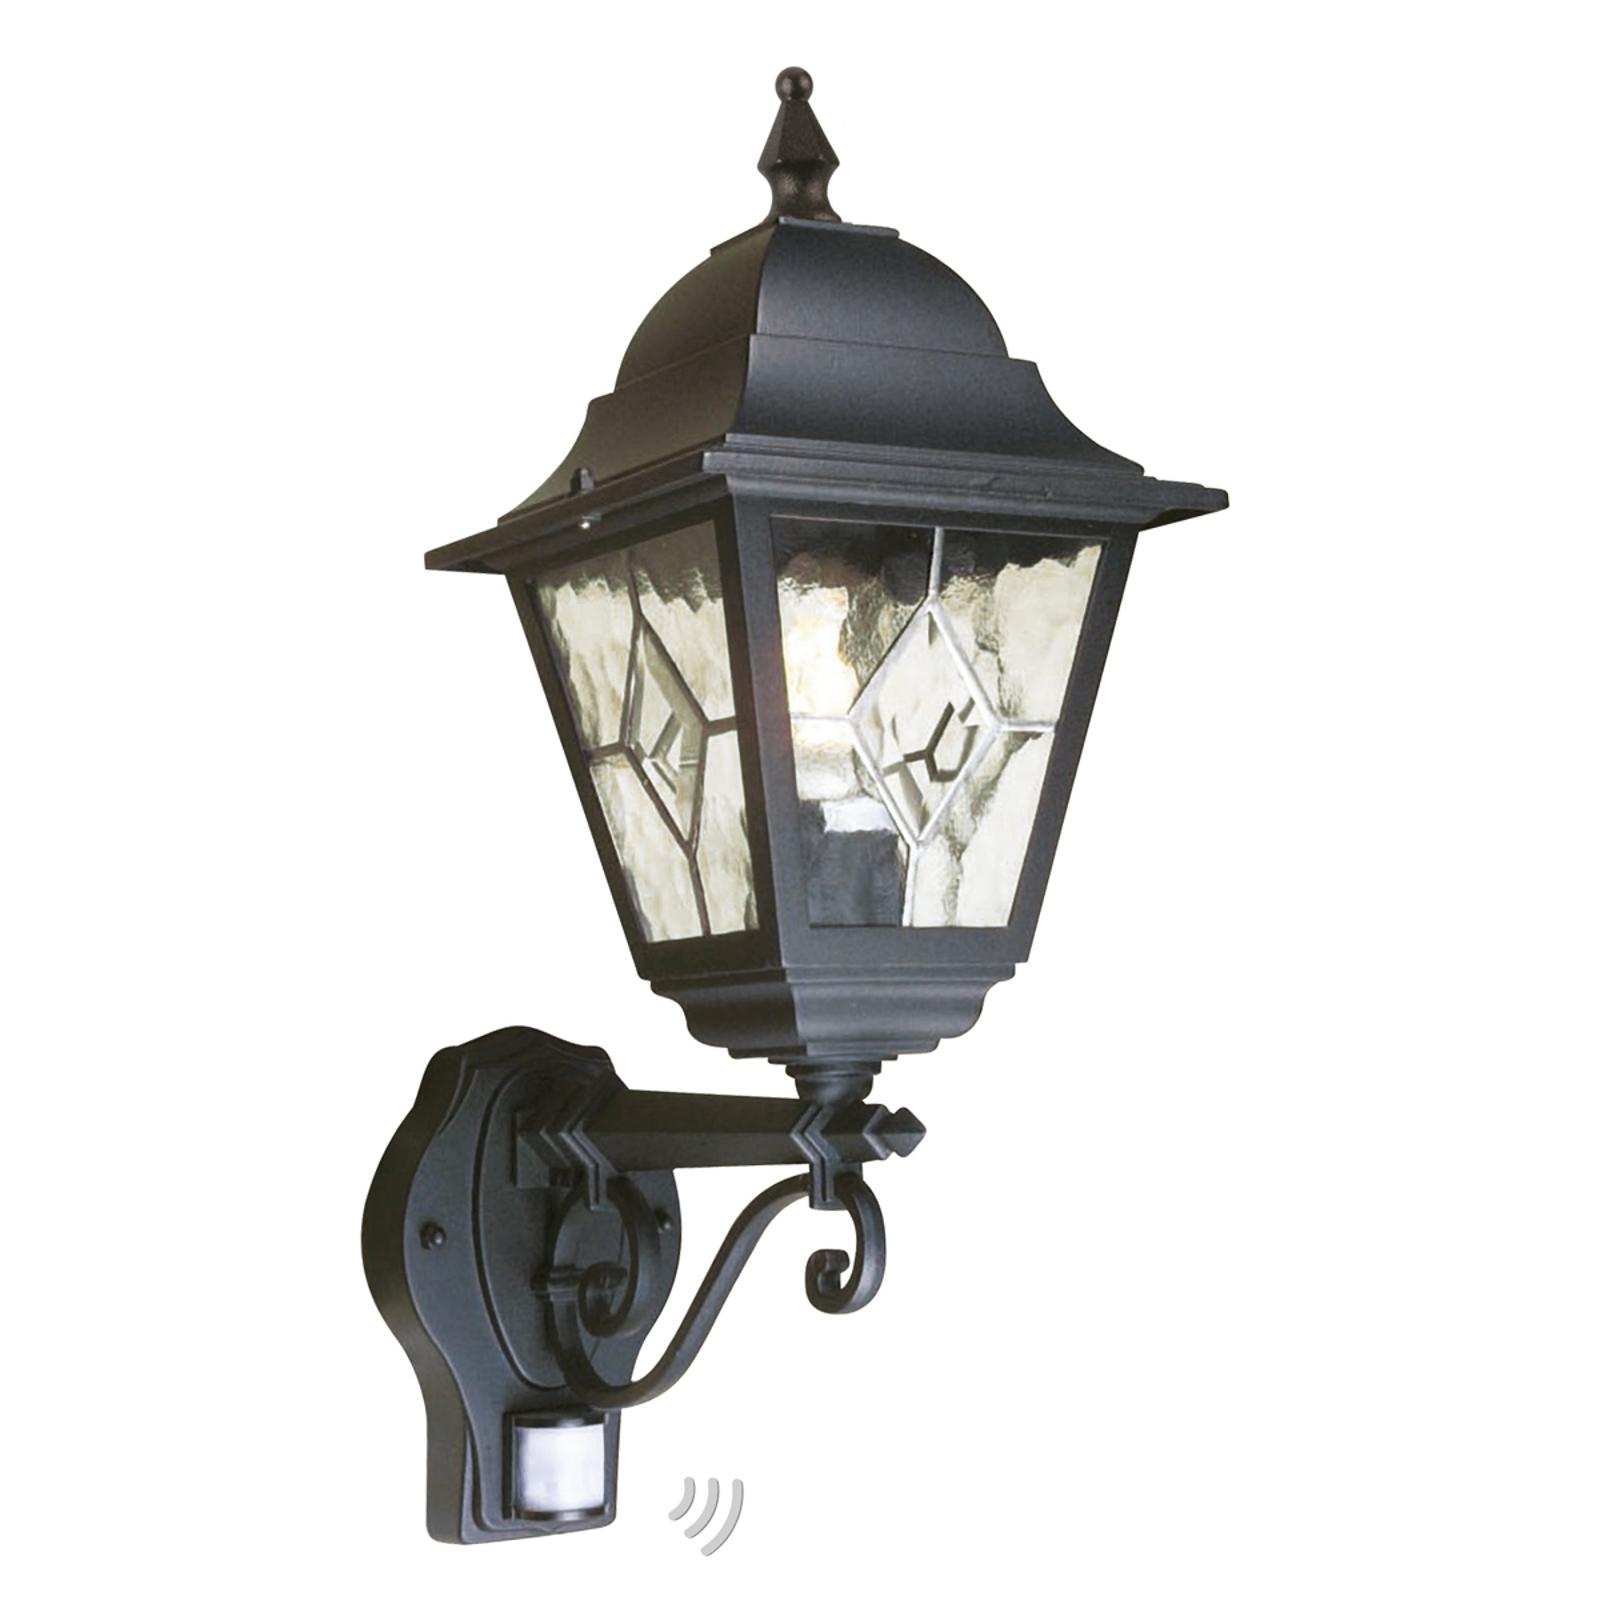 Buitenwandlamp Norfolk met bewegingsmelder